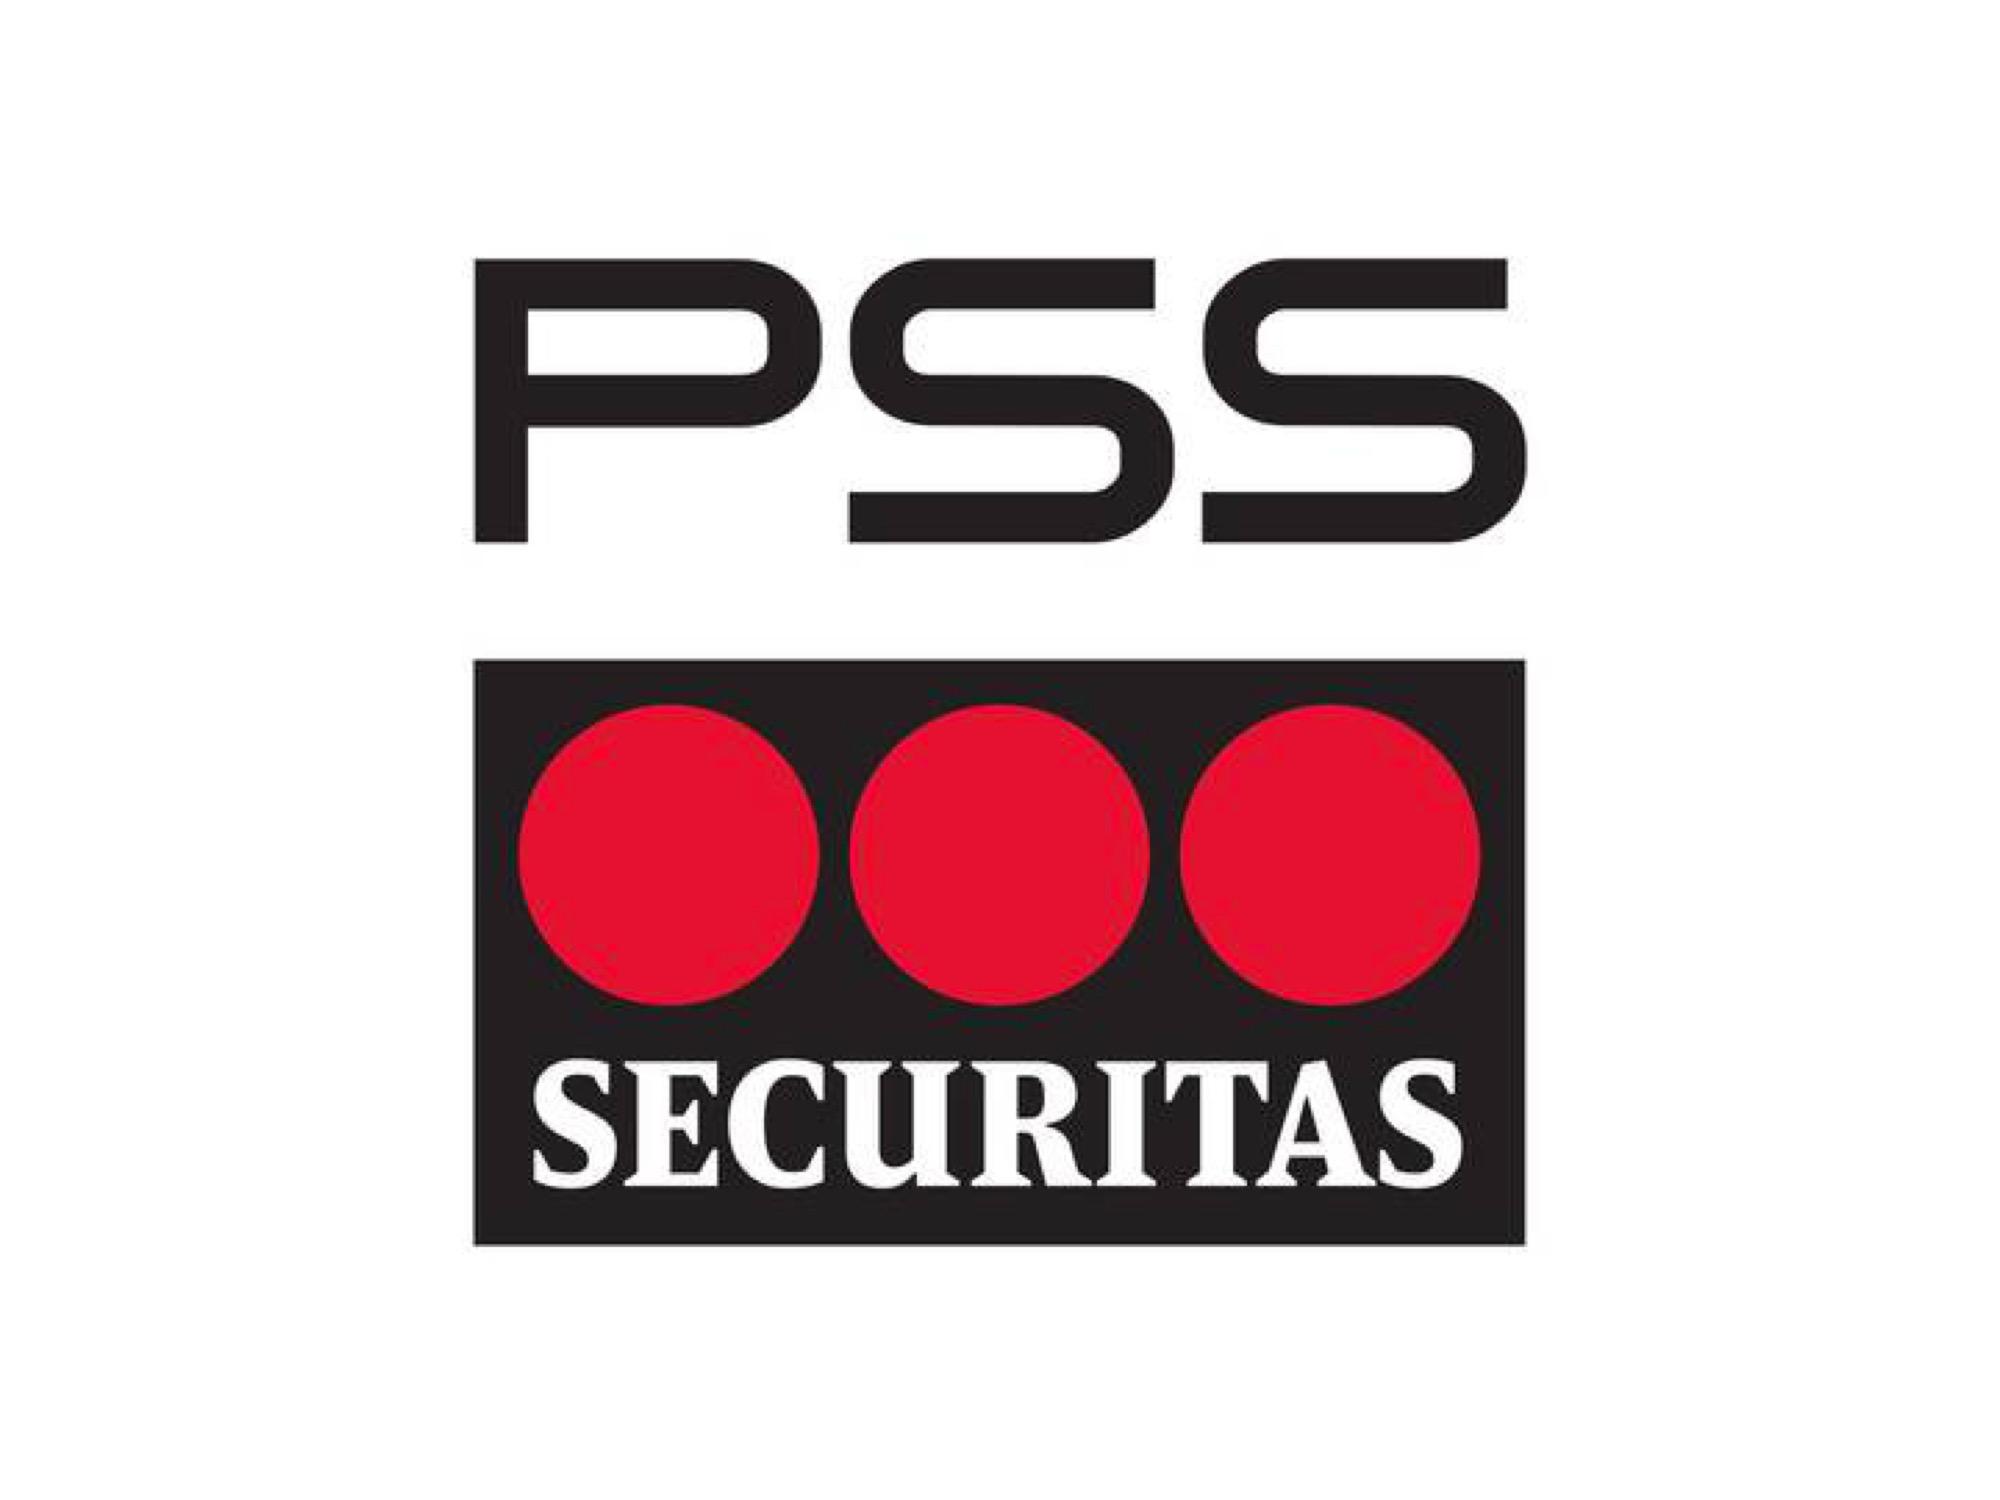 PSS Securitas.jpeg